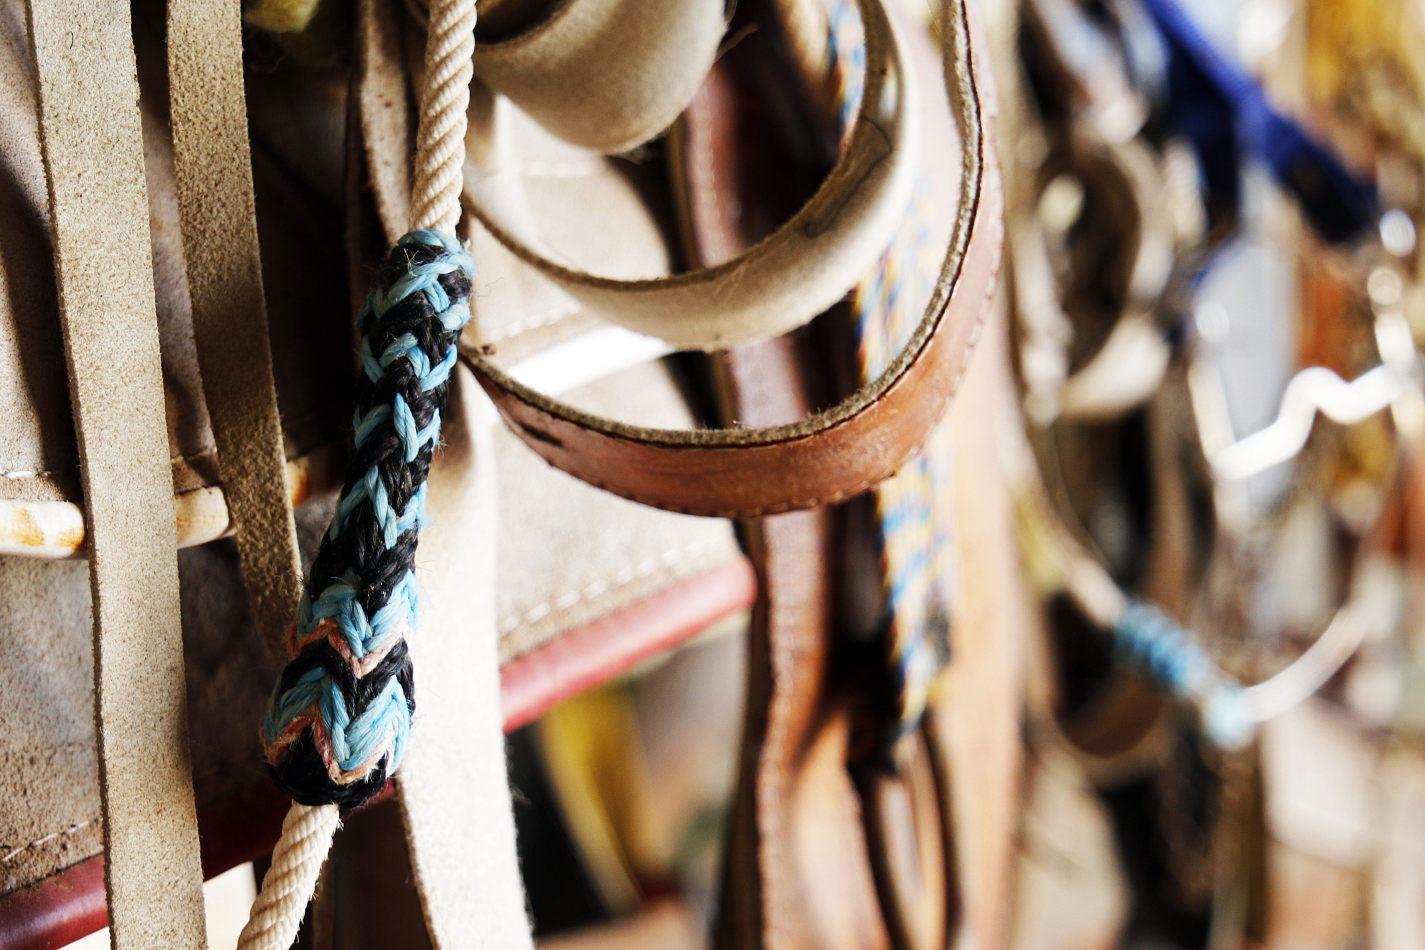 Anthony Ellis Photography: Small Sacrifices - Saddle Weave